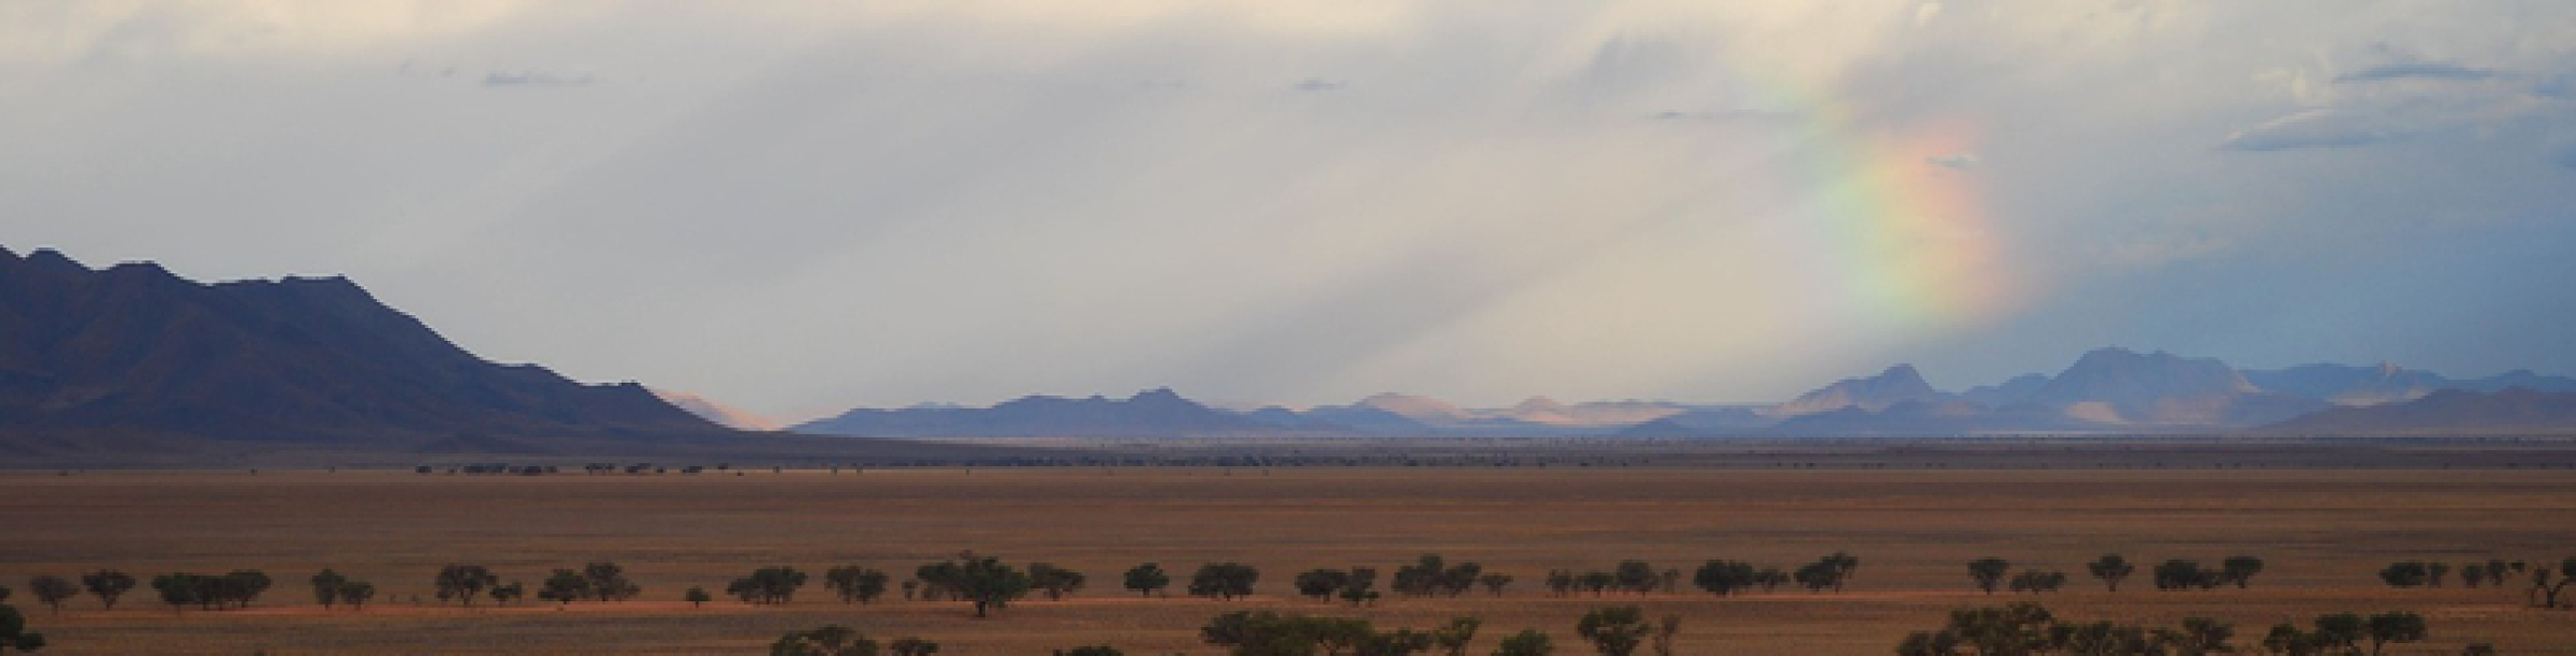 Namibia Reisen, Namibiareisen, Busrundreisen, Safaris, Mietwagen, Camper, Selbstfahrertouren, Namibia